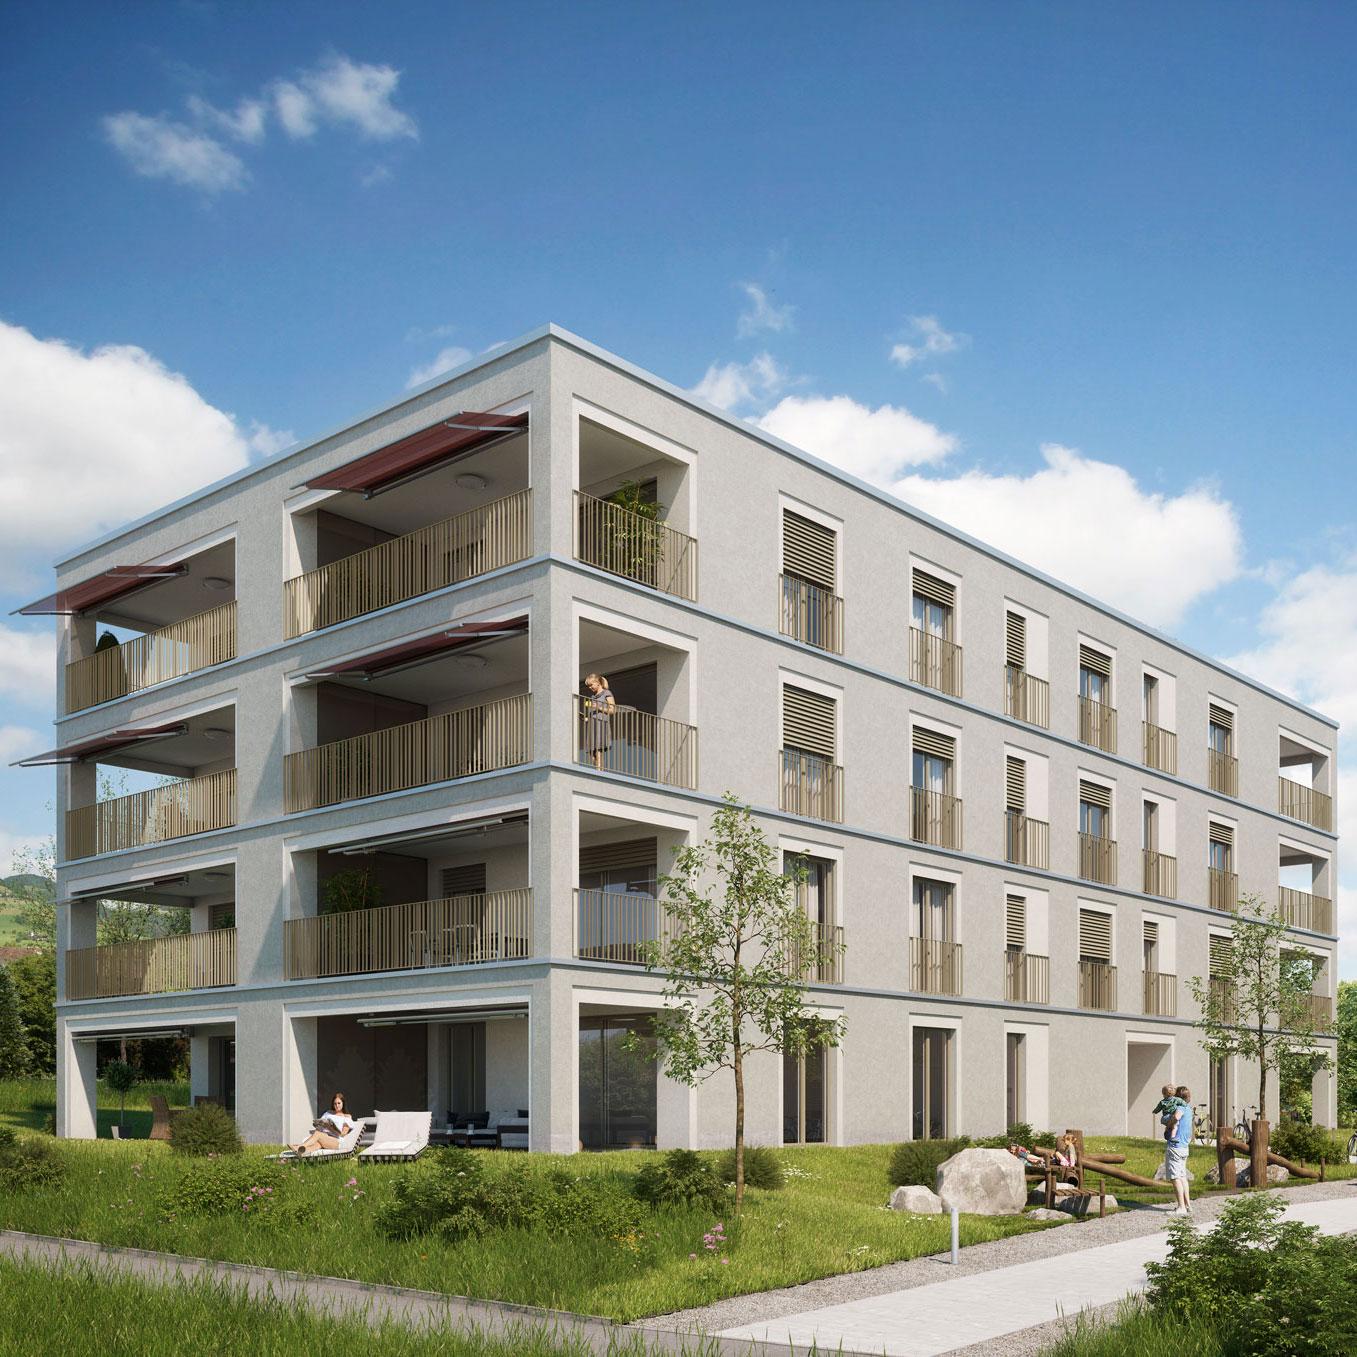 Image Burgstrasse 34, Kreuzlingen